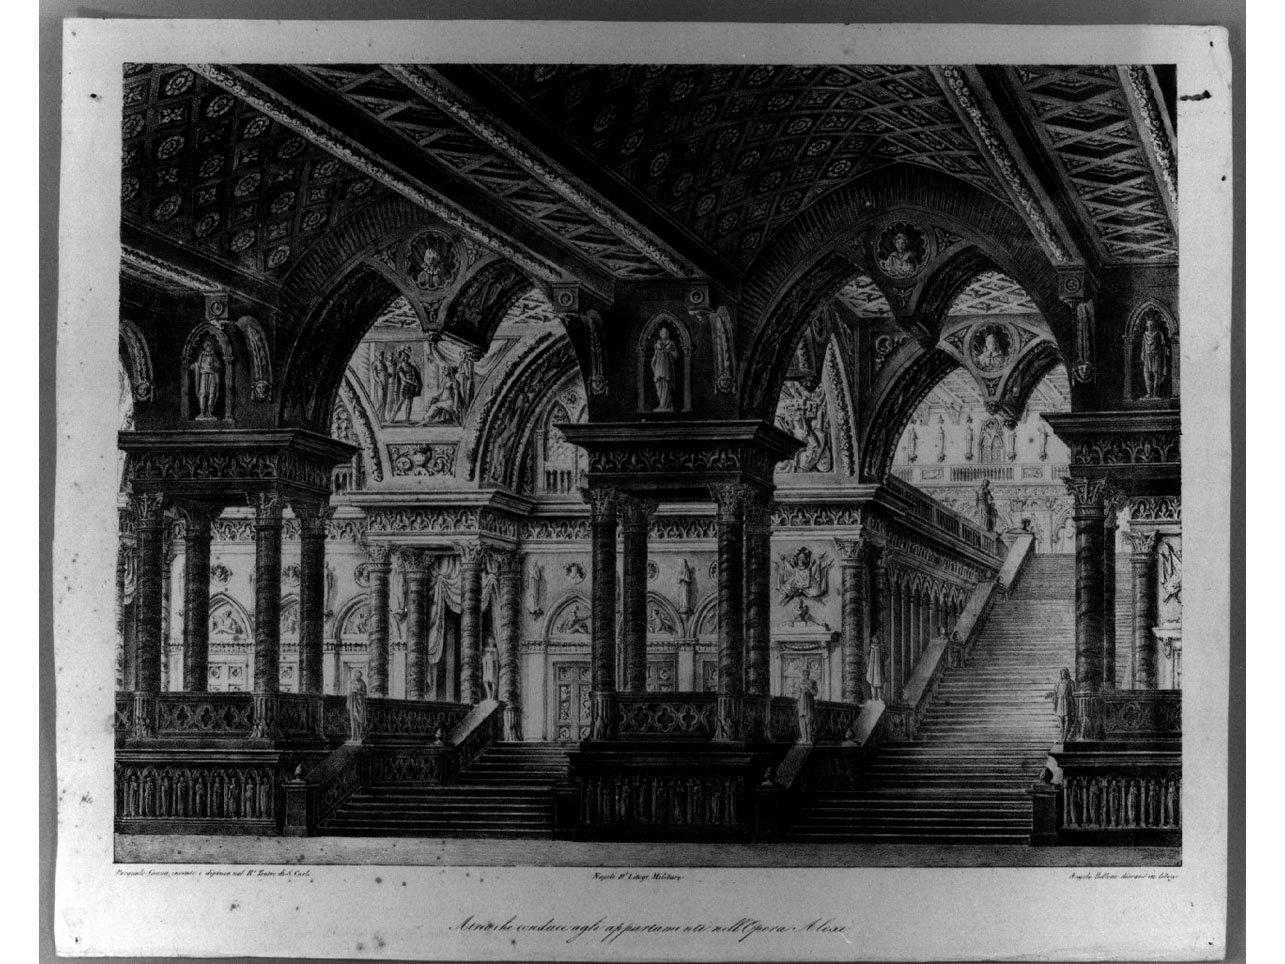 scenografia teatrale (stampa) di Canna Pasquale, Bellone Angelo (sec. XIX)